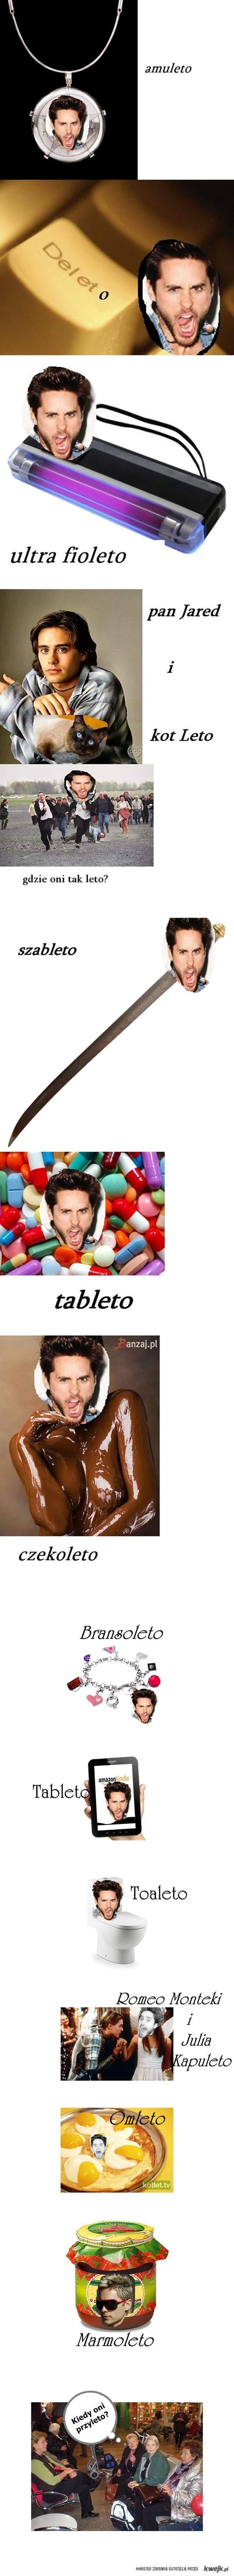 JaredoLeto